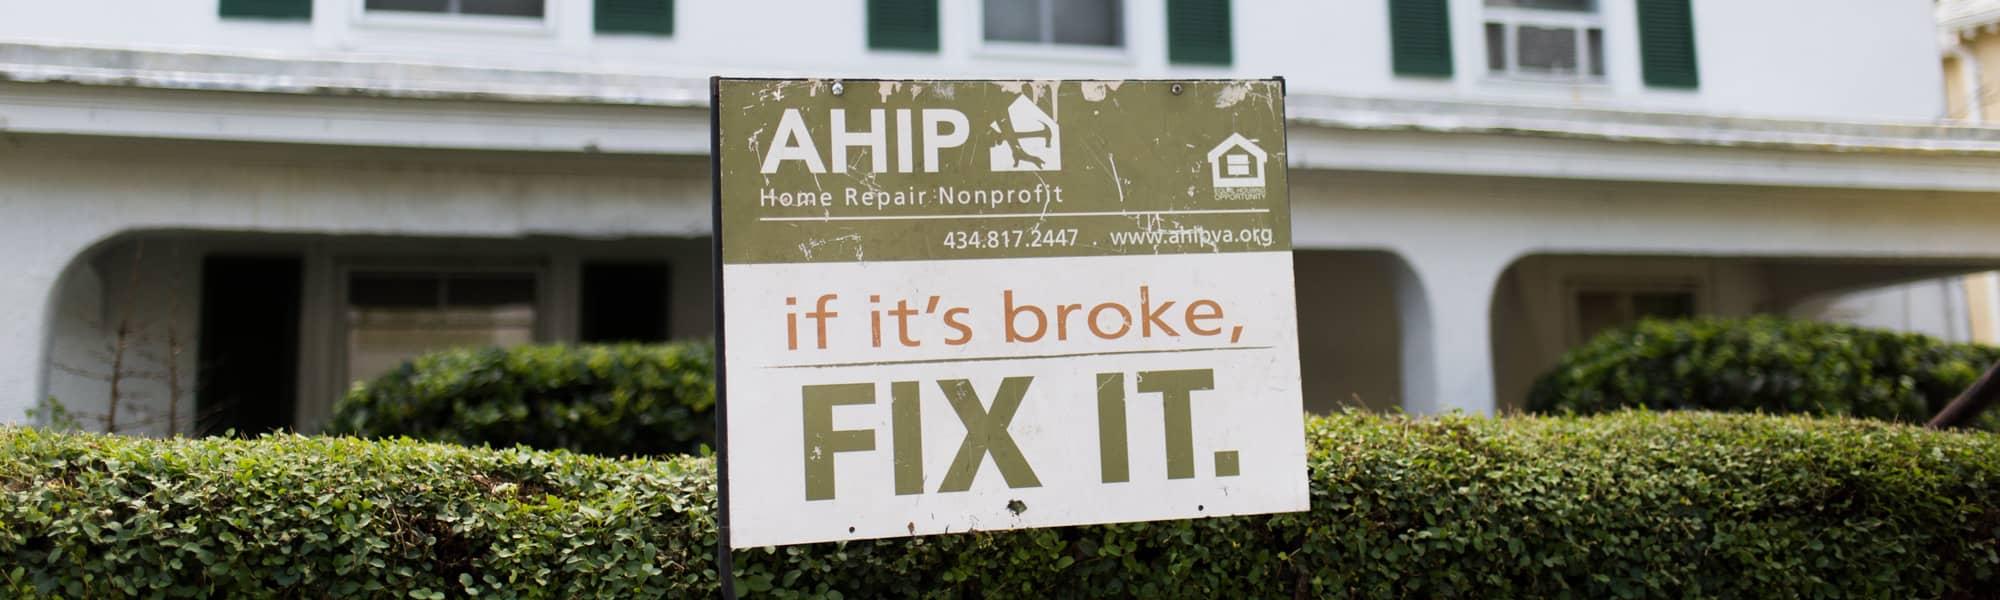 AHIP partners